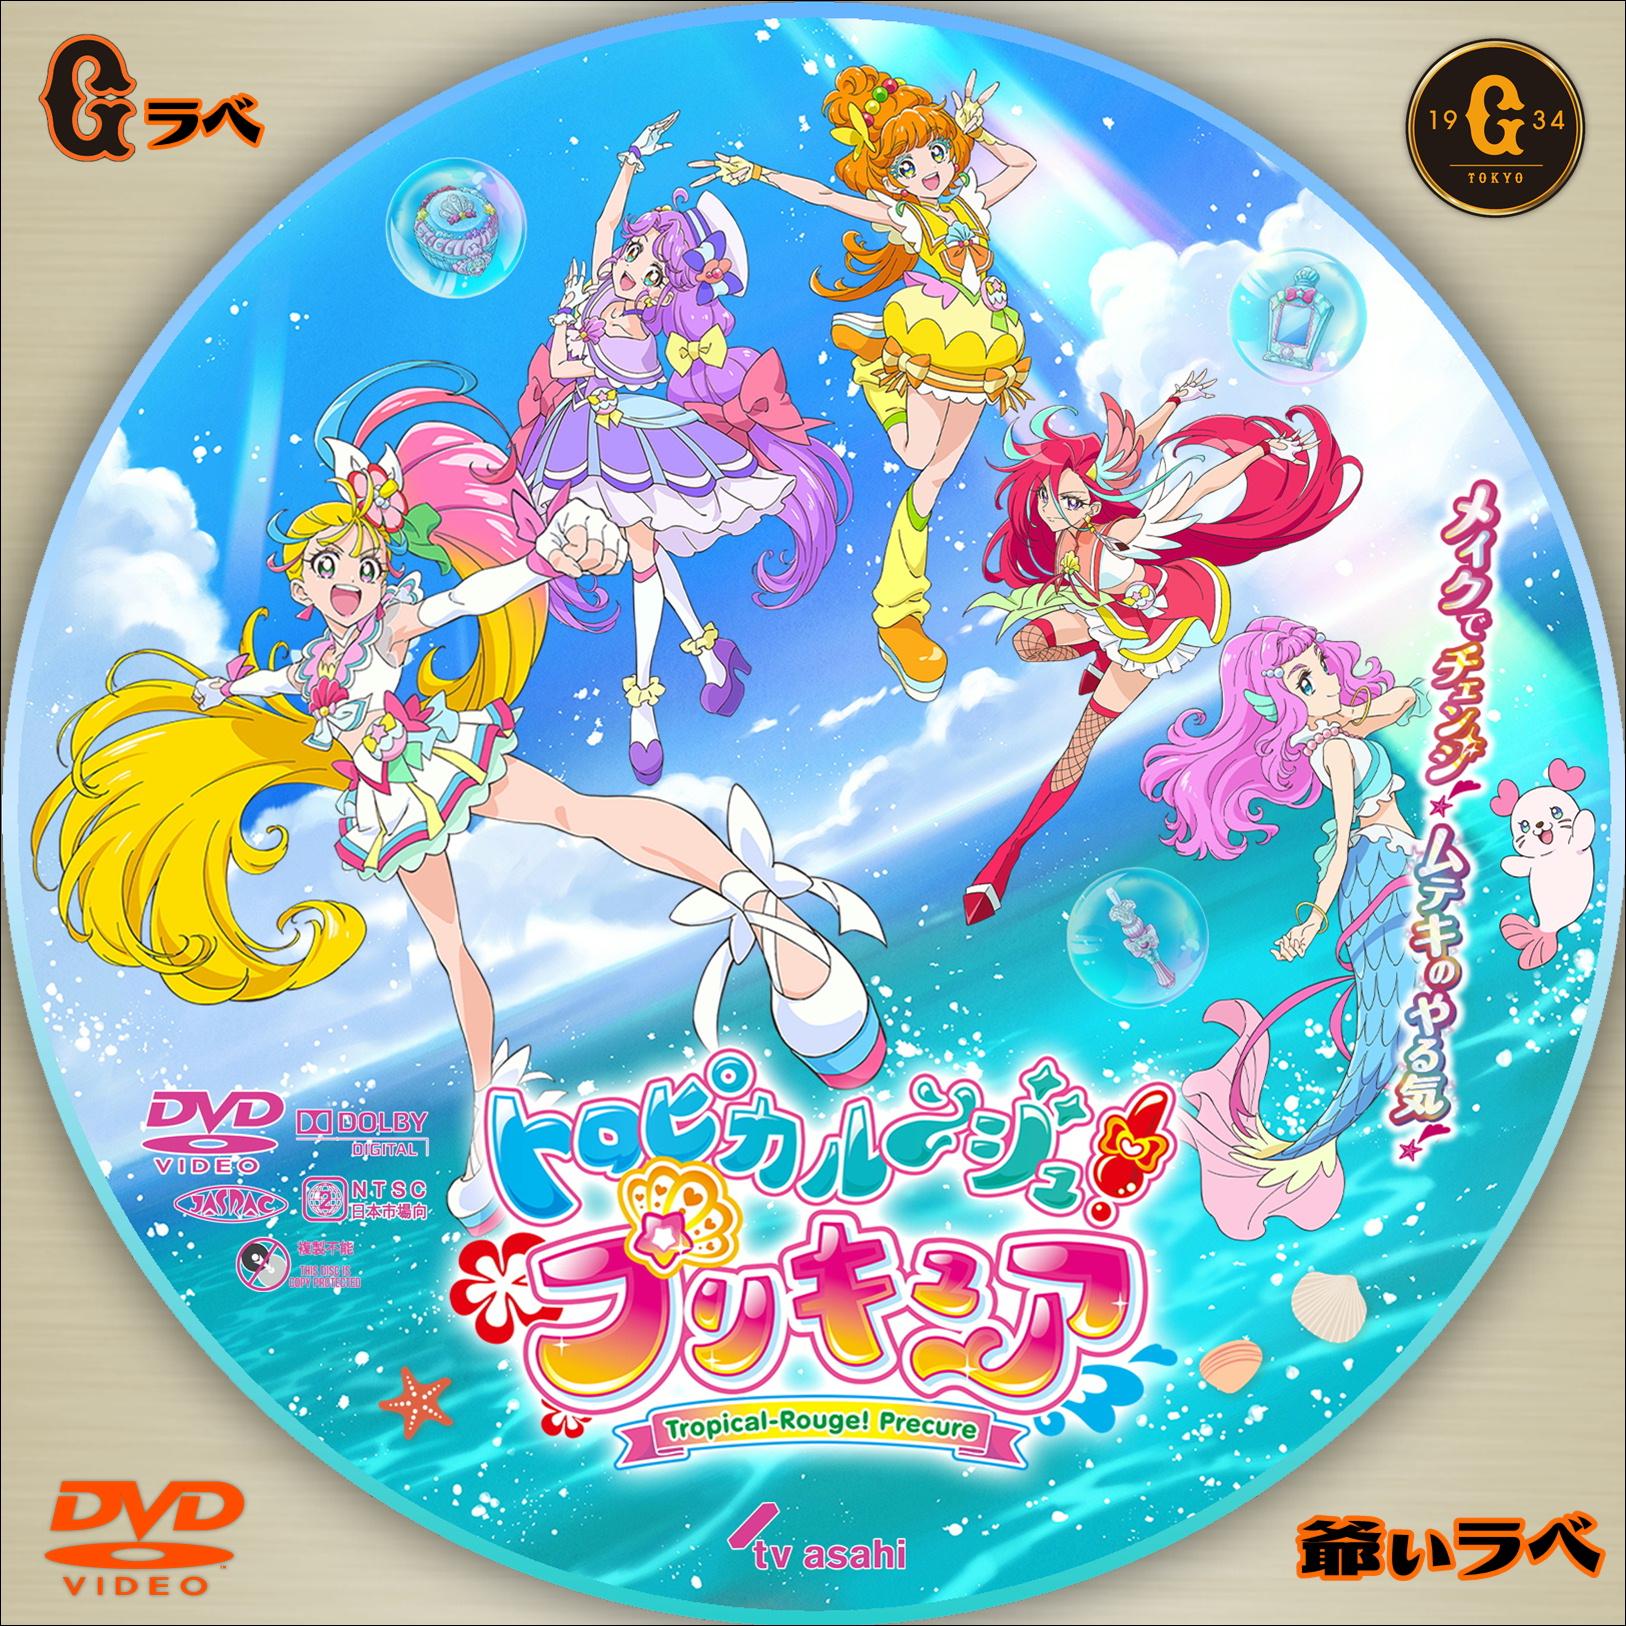 トロピカル~ジュ!プリキュア(DVD)